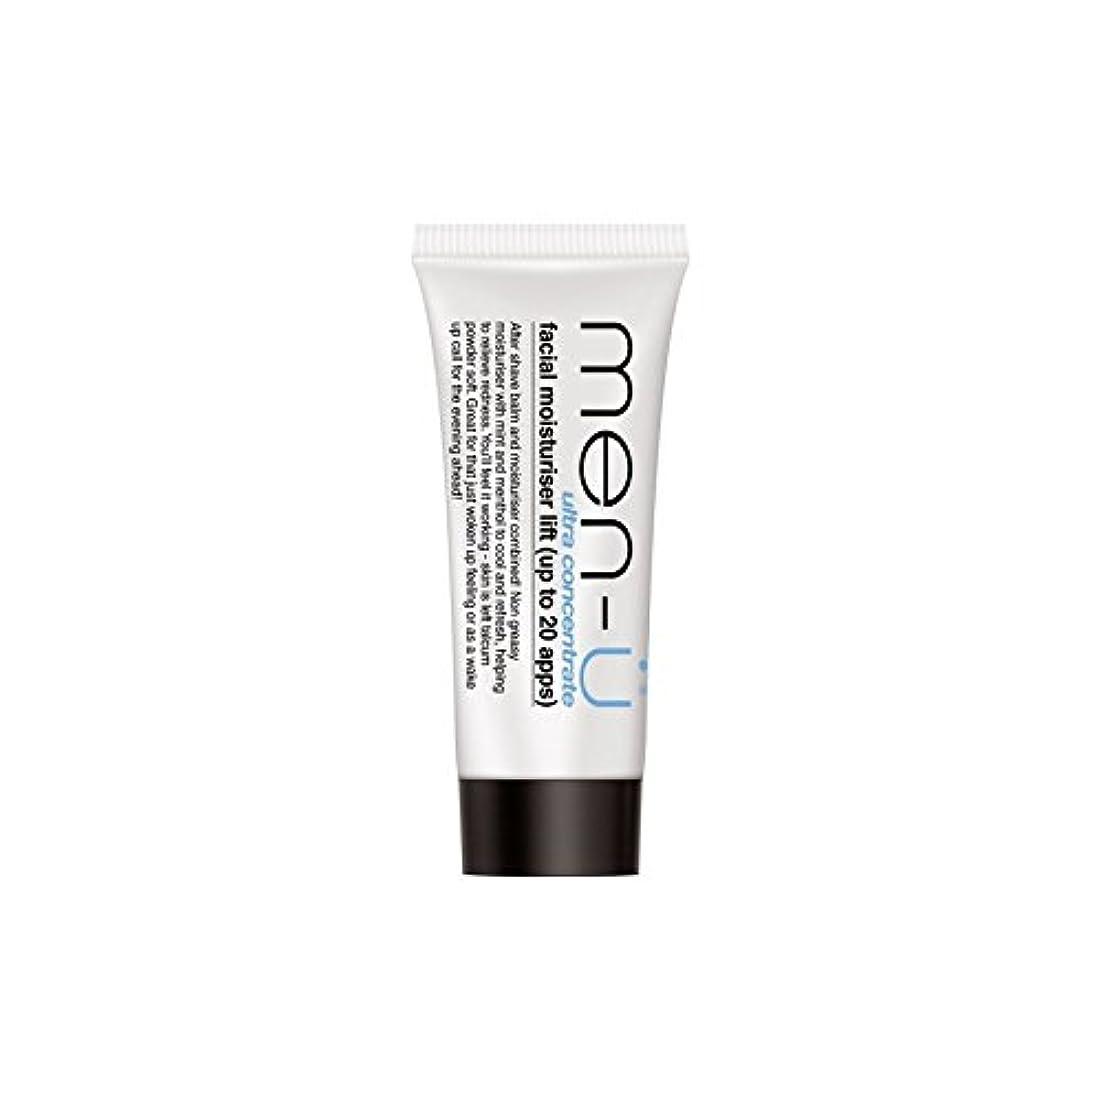 サロン多用途米ドルMen-? Buddy Facial Moisturiser Lift Tube (15ml) - 男性-のバディ顔の保湿剤のリフトチューブ(15ミリリットル) [並行輸入品]